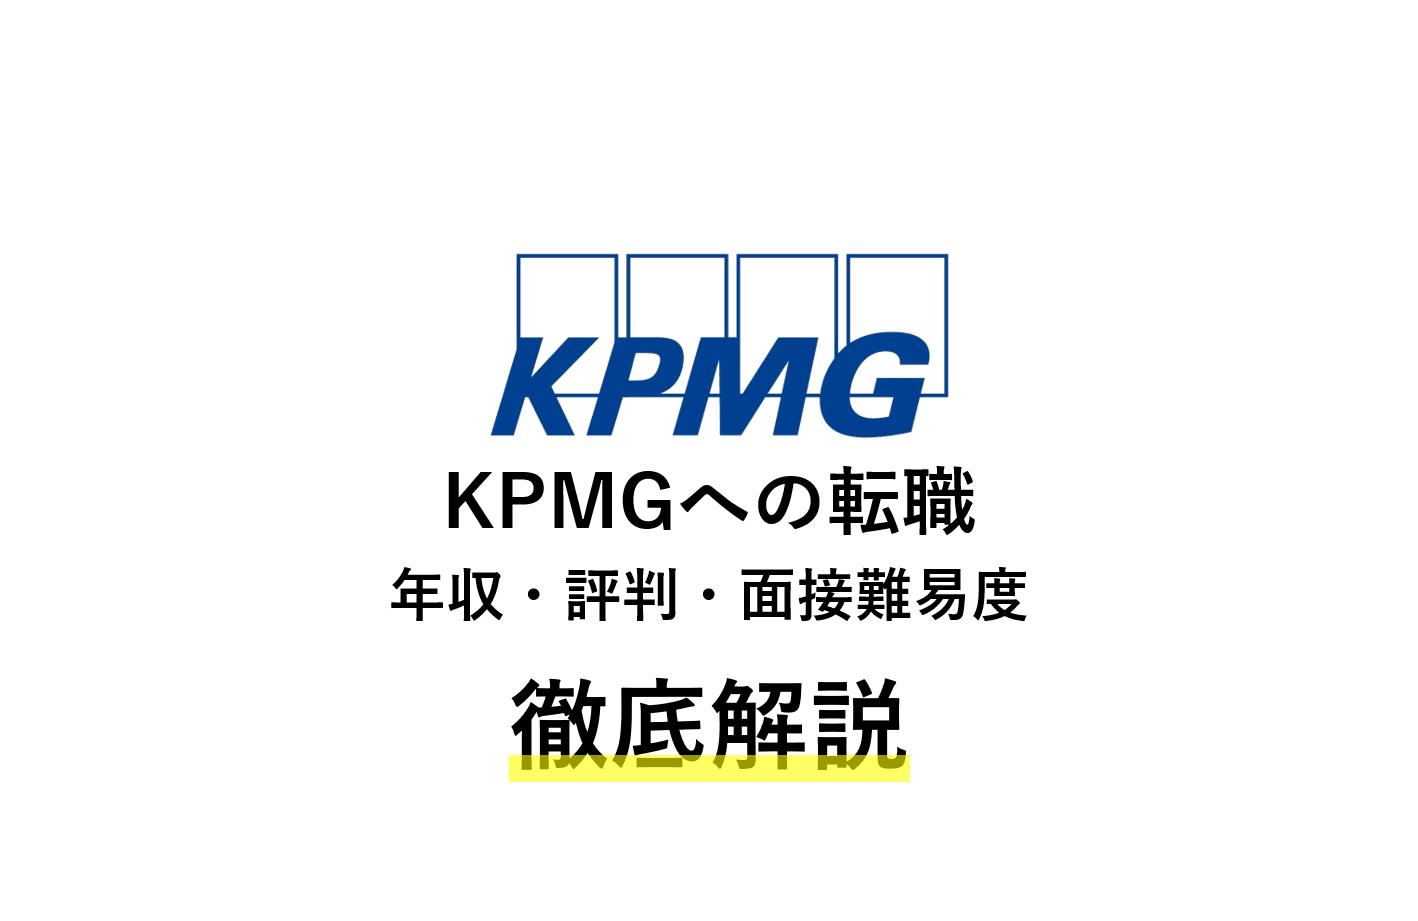 KPMGコンサルティングへ転職!年収・評判・中途面接難易度を解説